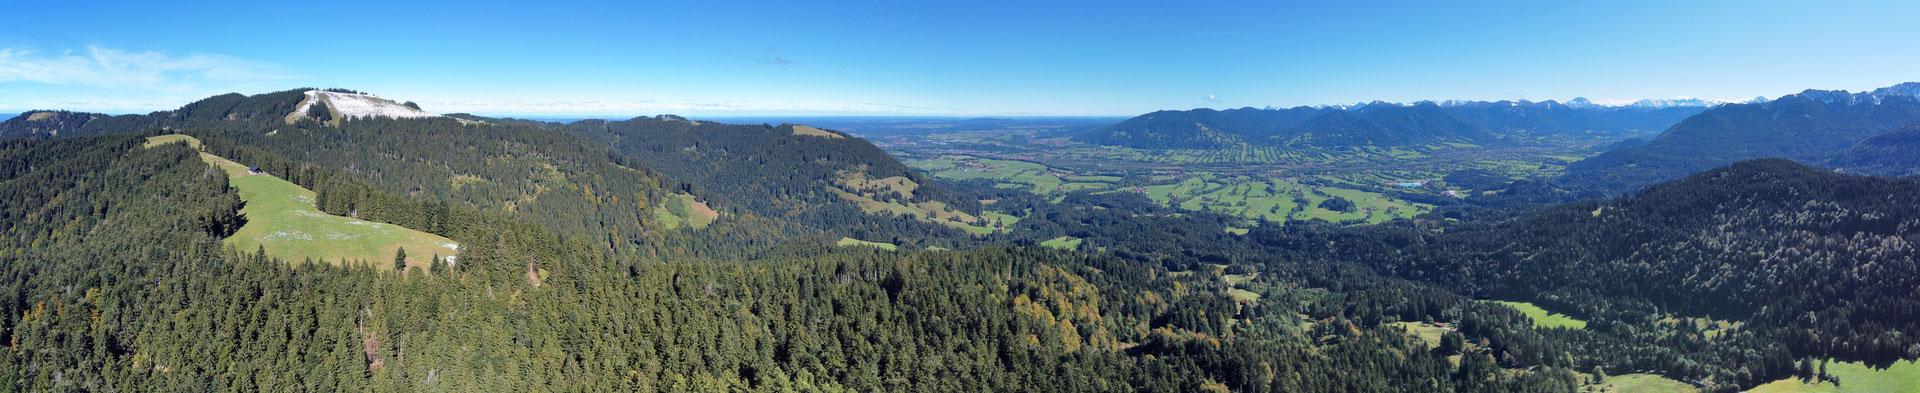 Panorama, Drohnenfoto, Zwieselberg, Rund um Blick, Grat, Bäume, Wald